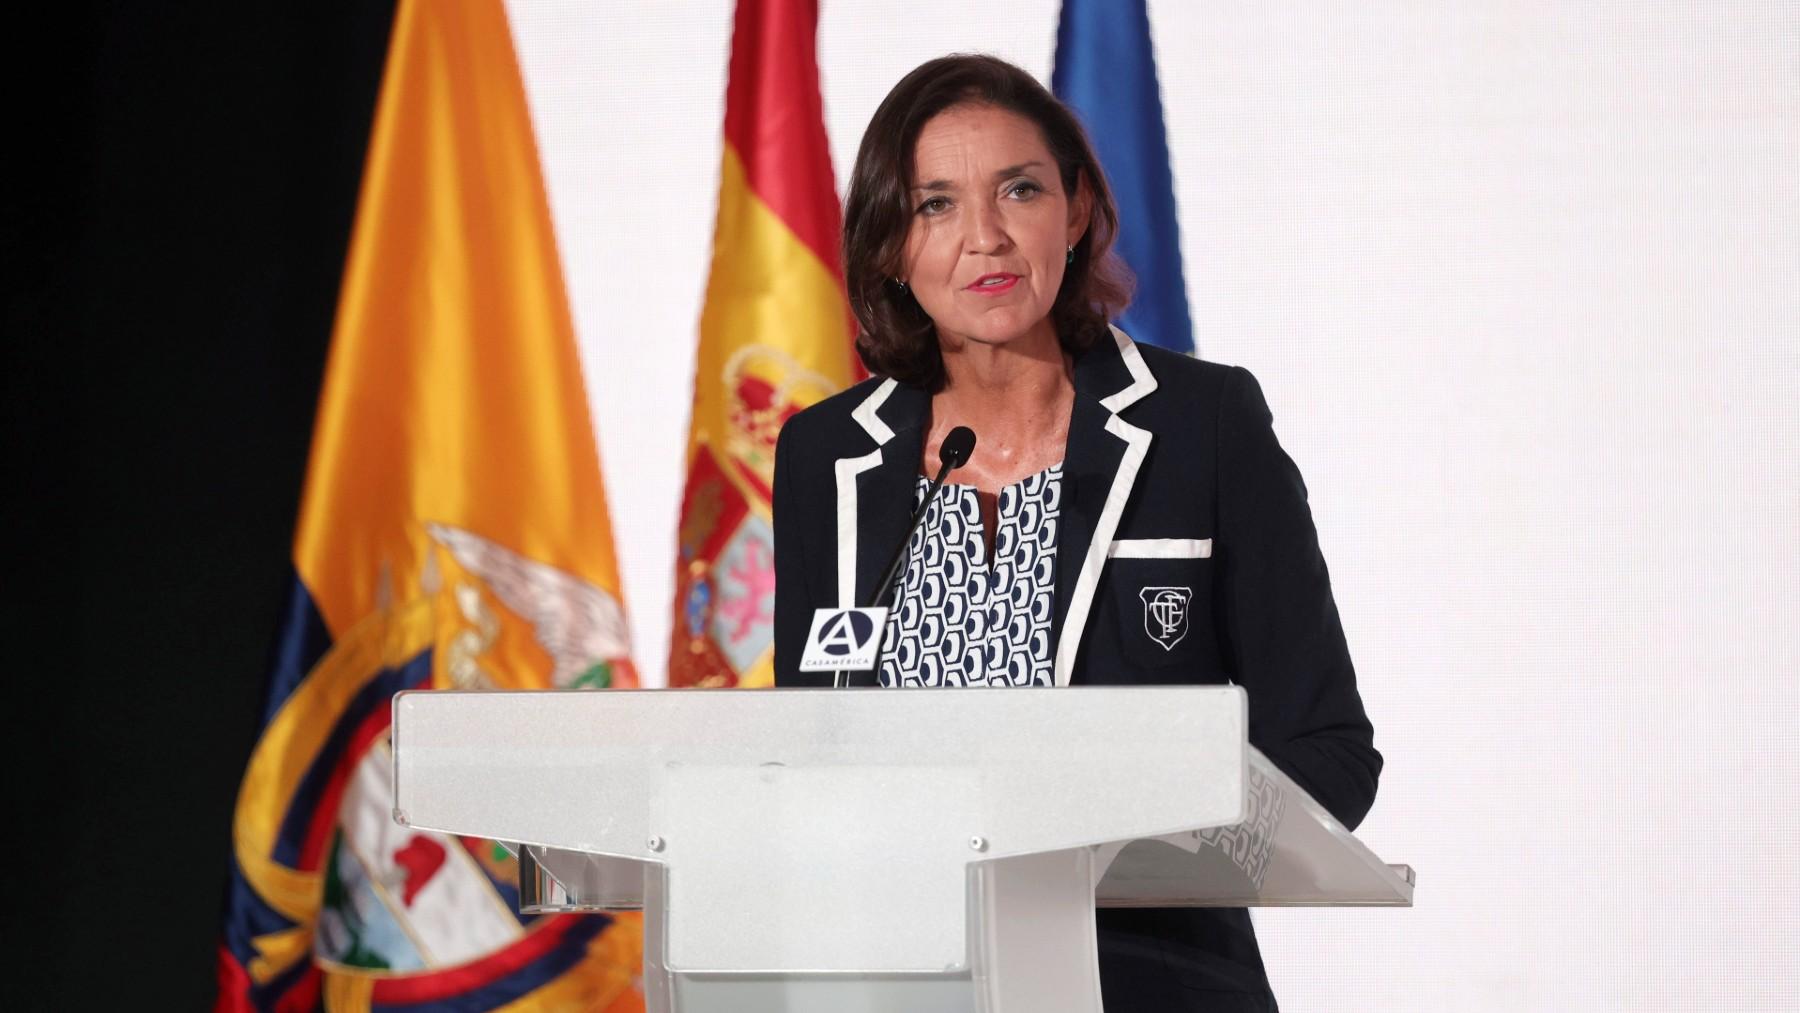 La ministra de Industria, Comercio y Turismo, Reyes Maroto. (Foto: Europa Press)